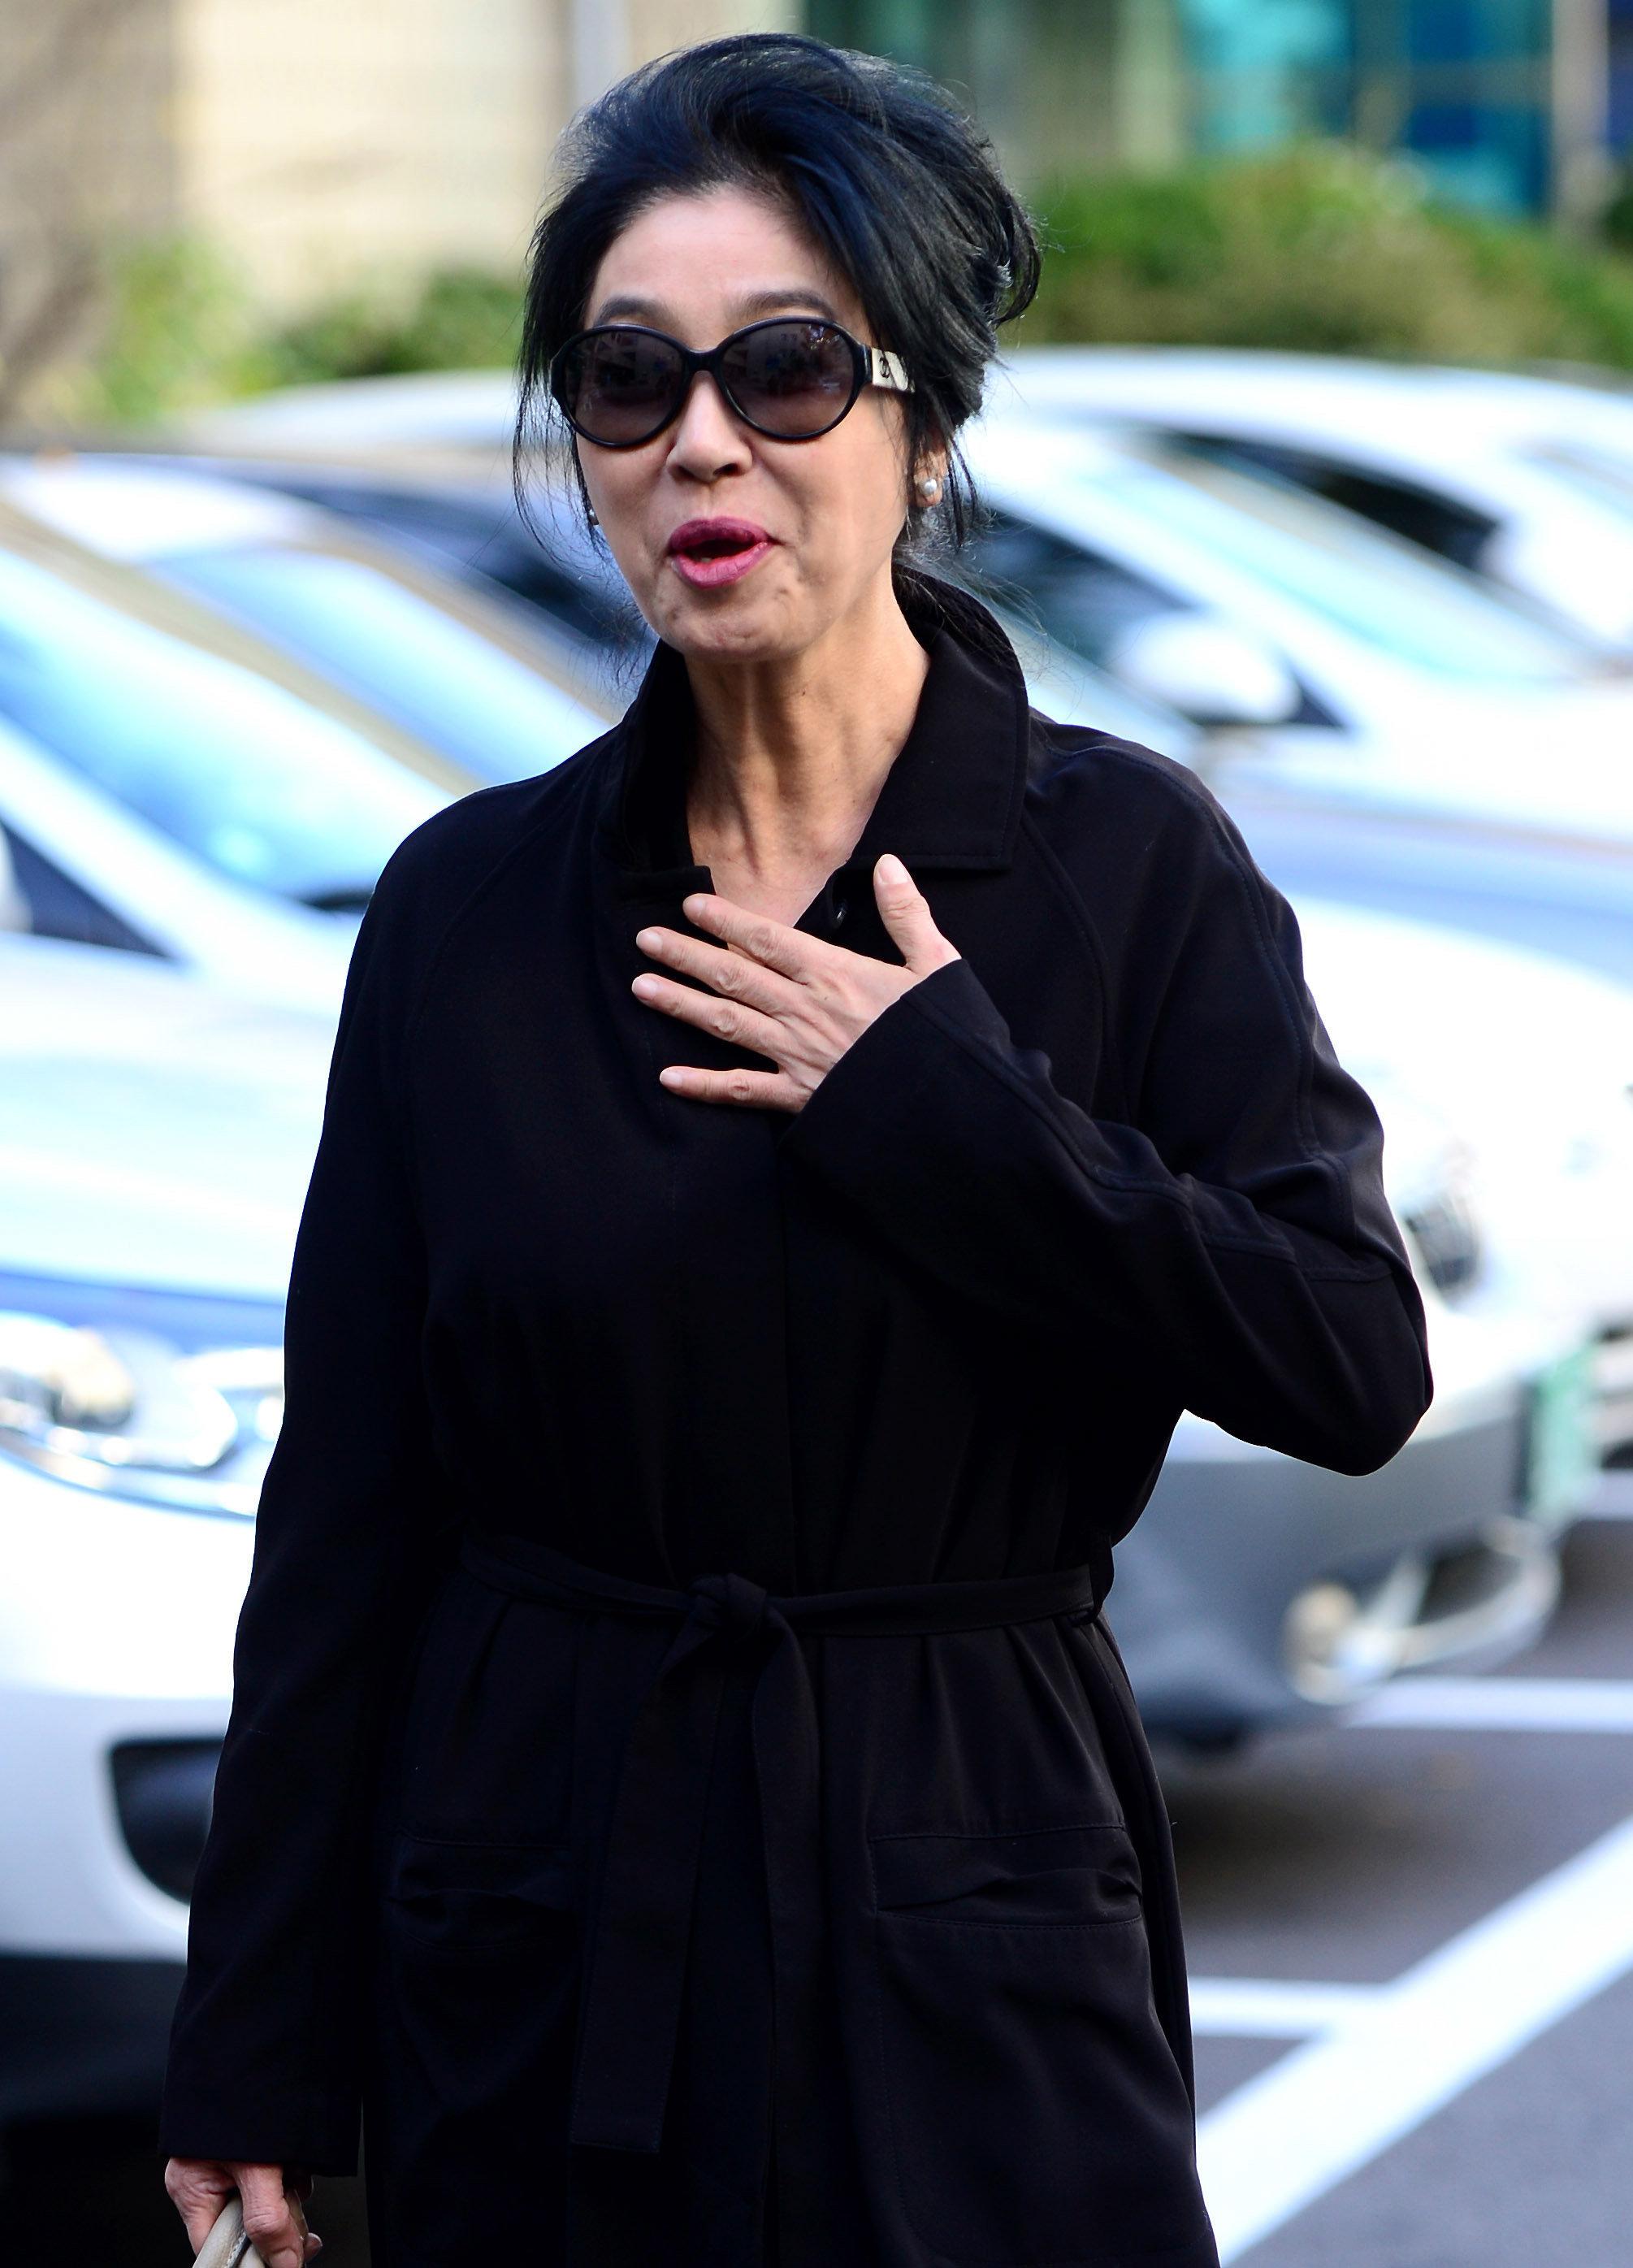 [팩트체크] 김부선-이재명의 '2009년 옥수동 밀회' 관련 주장을 들여다봤다